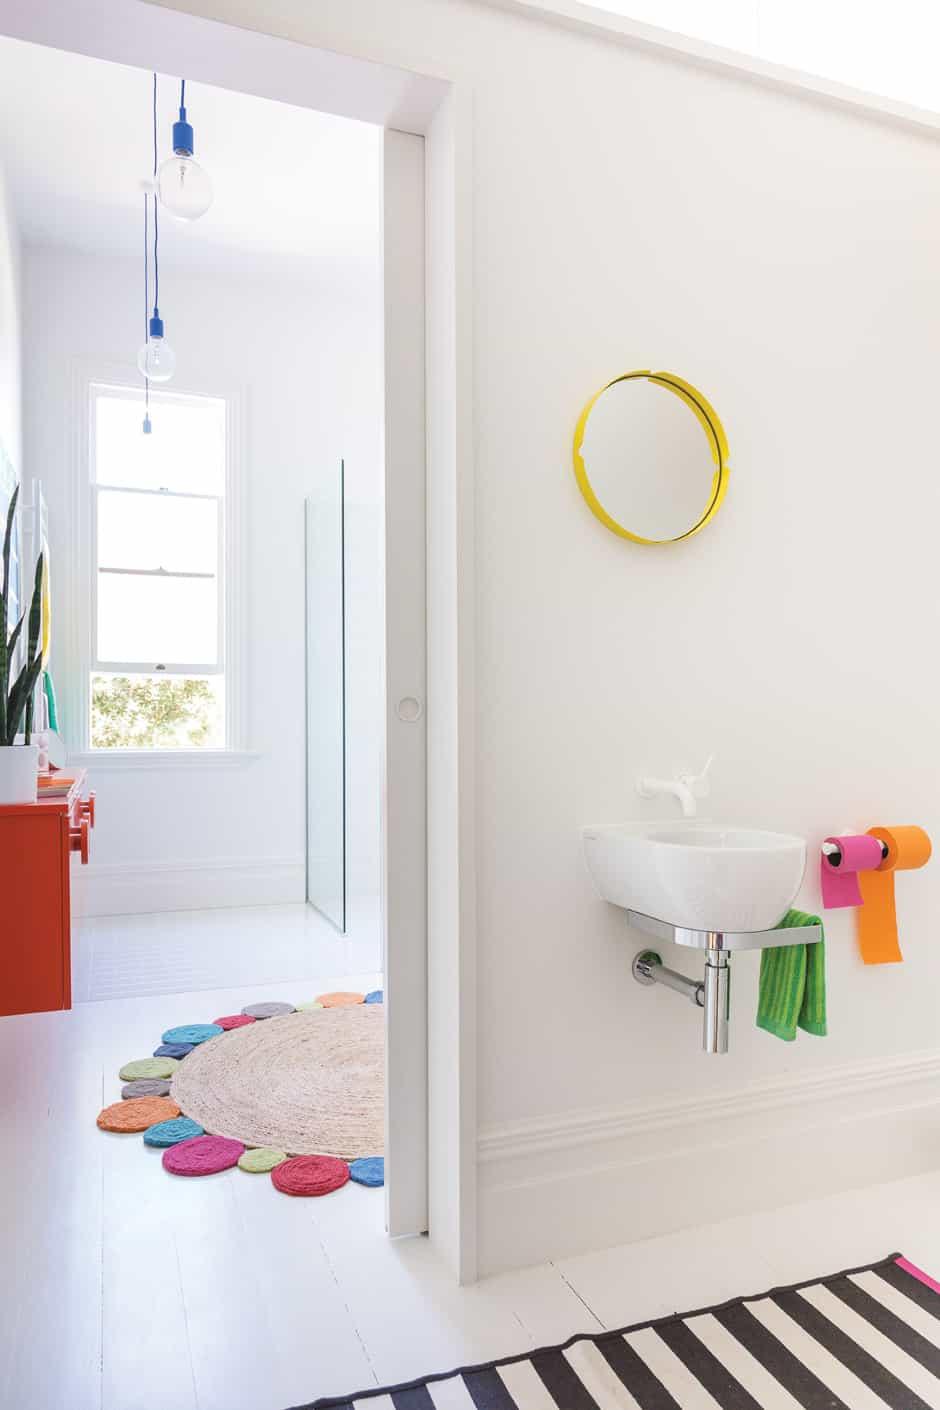 alex_fulton_bathroom_homestyle_3